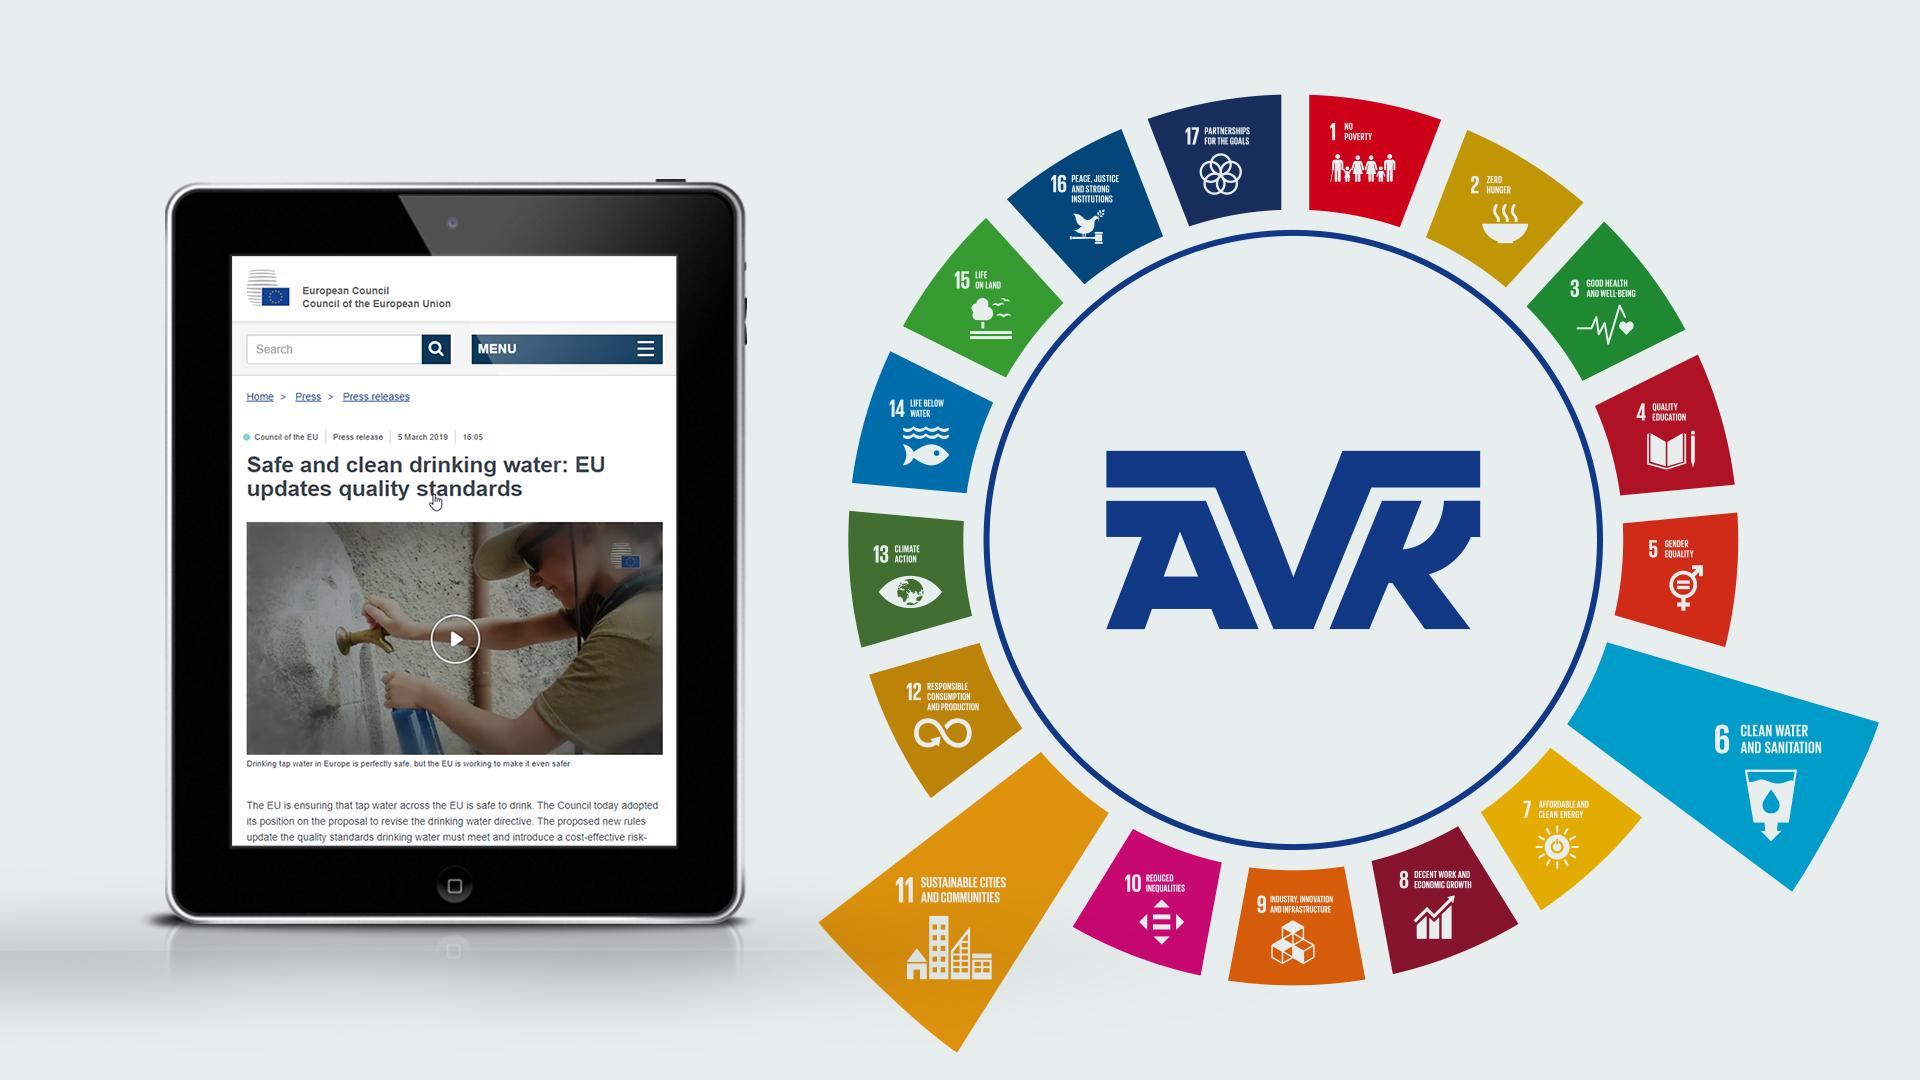 AVK Smart Water internasjonale krav